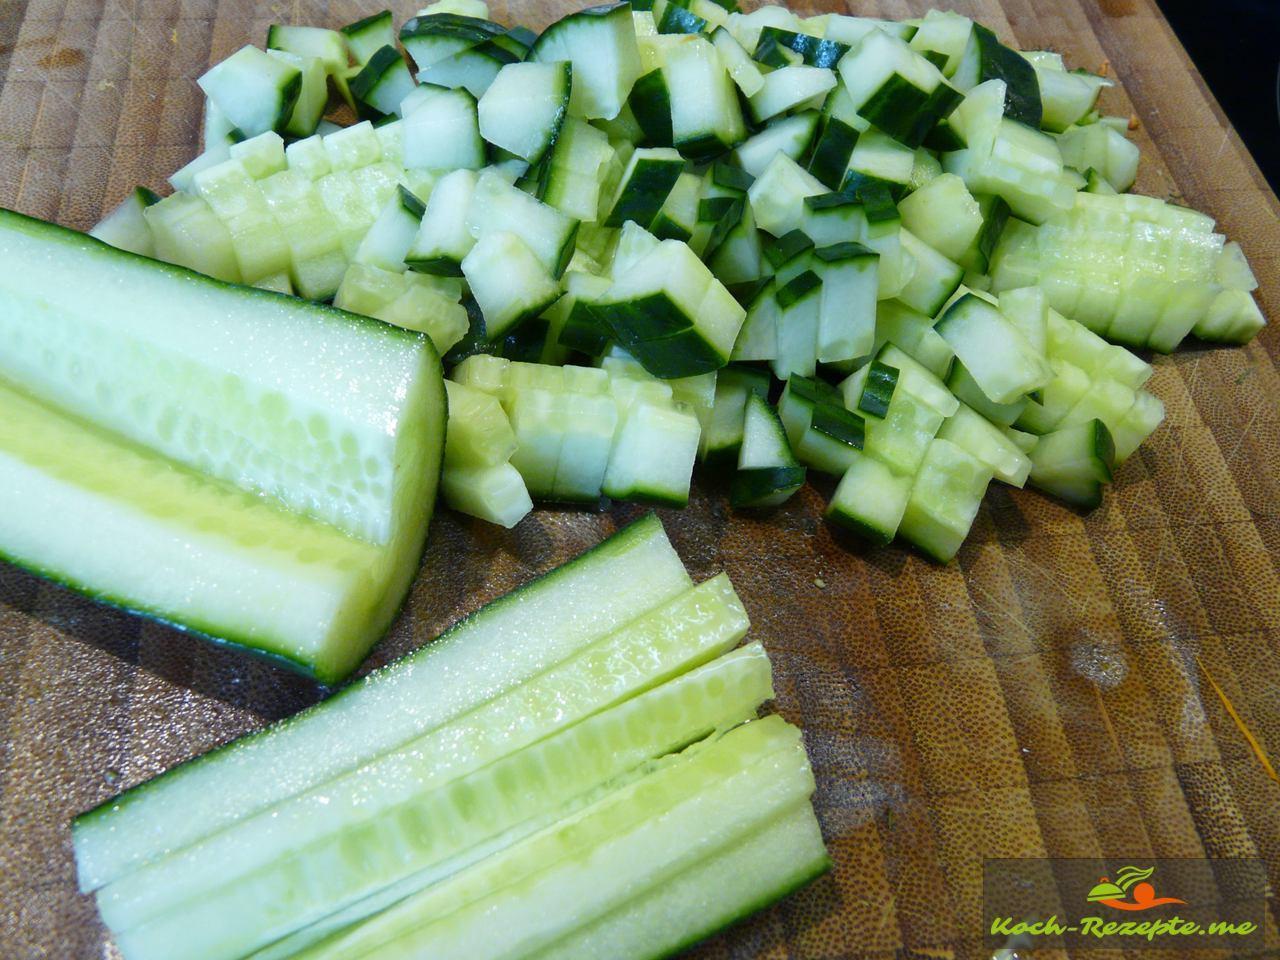 Salatgurken fein würfeln